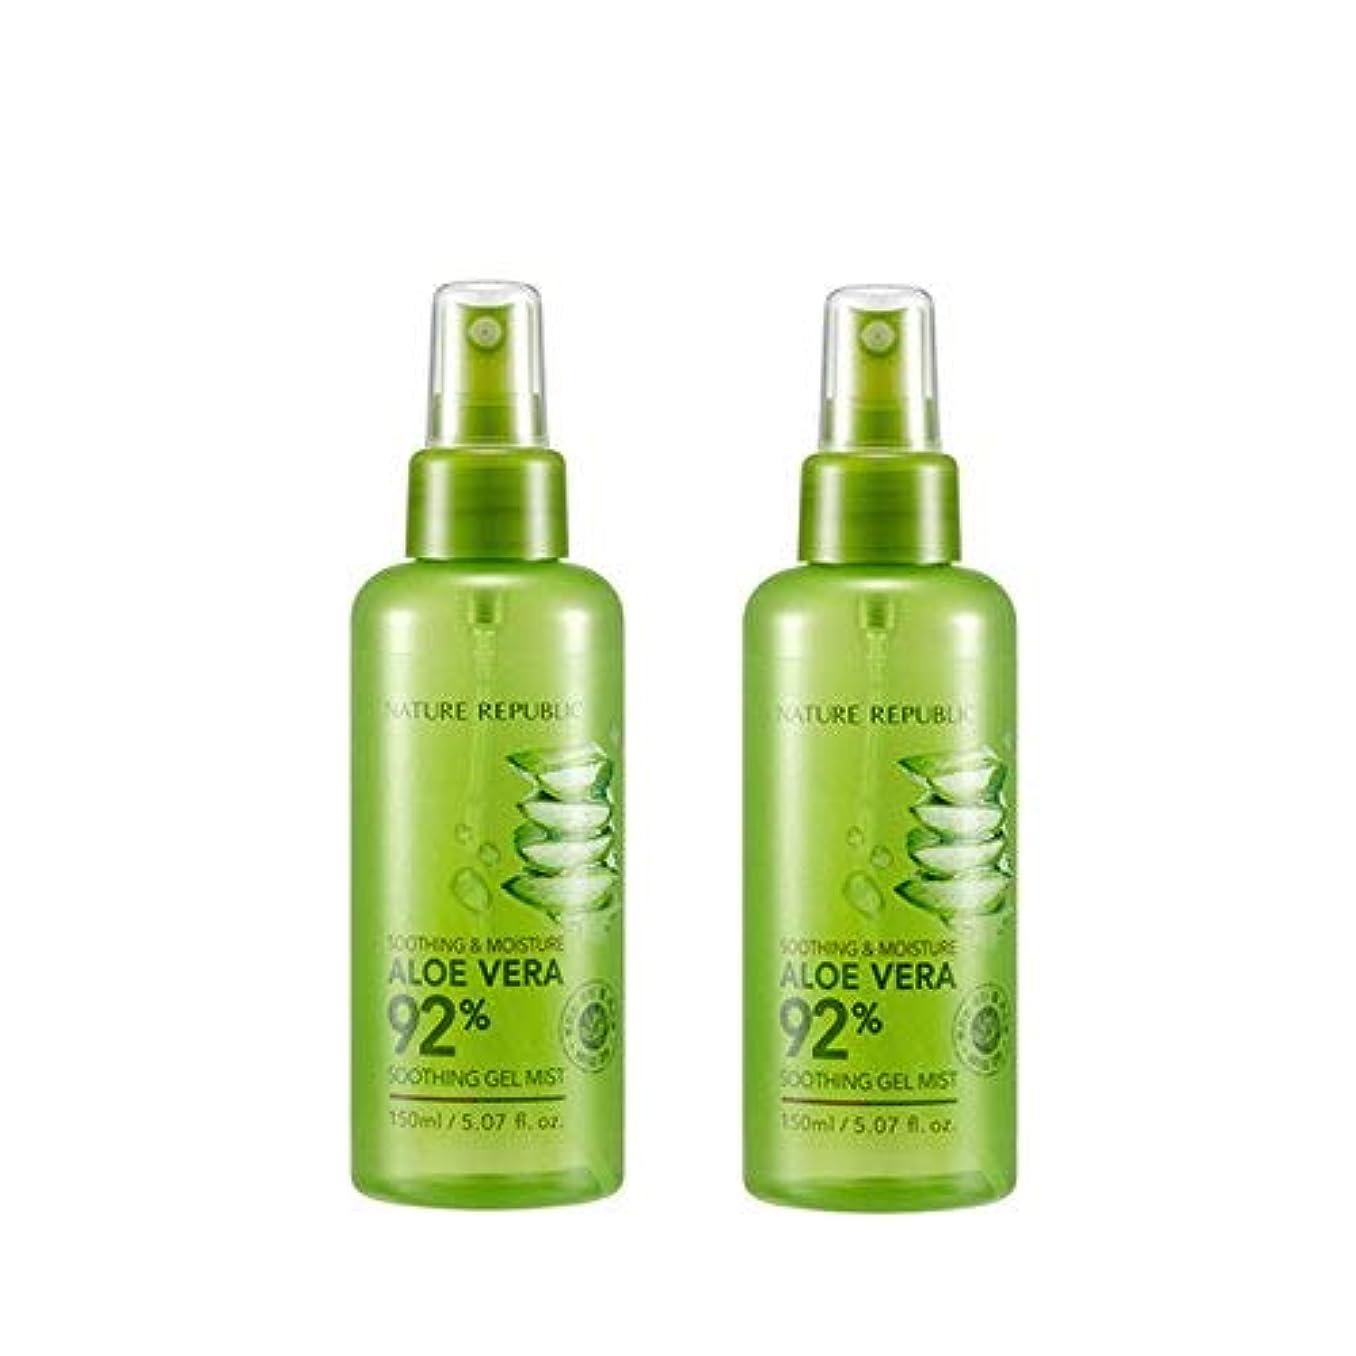 熟達支店前任者[ネイチャーリパブリック]NATURE REPUBLIC/スージングアンドモイスチャーアロエベラ92%スージングジェルミスト2つの /(Soothing & Moisture Aloe Vera 92% Soothing Gel Mist(2EA))/Korea Cosmetic